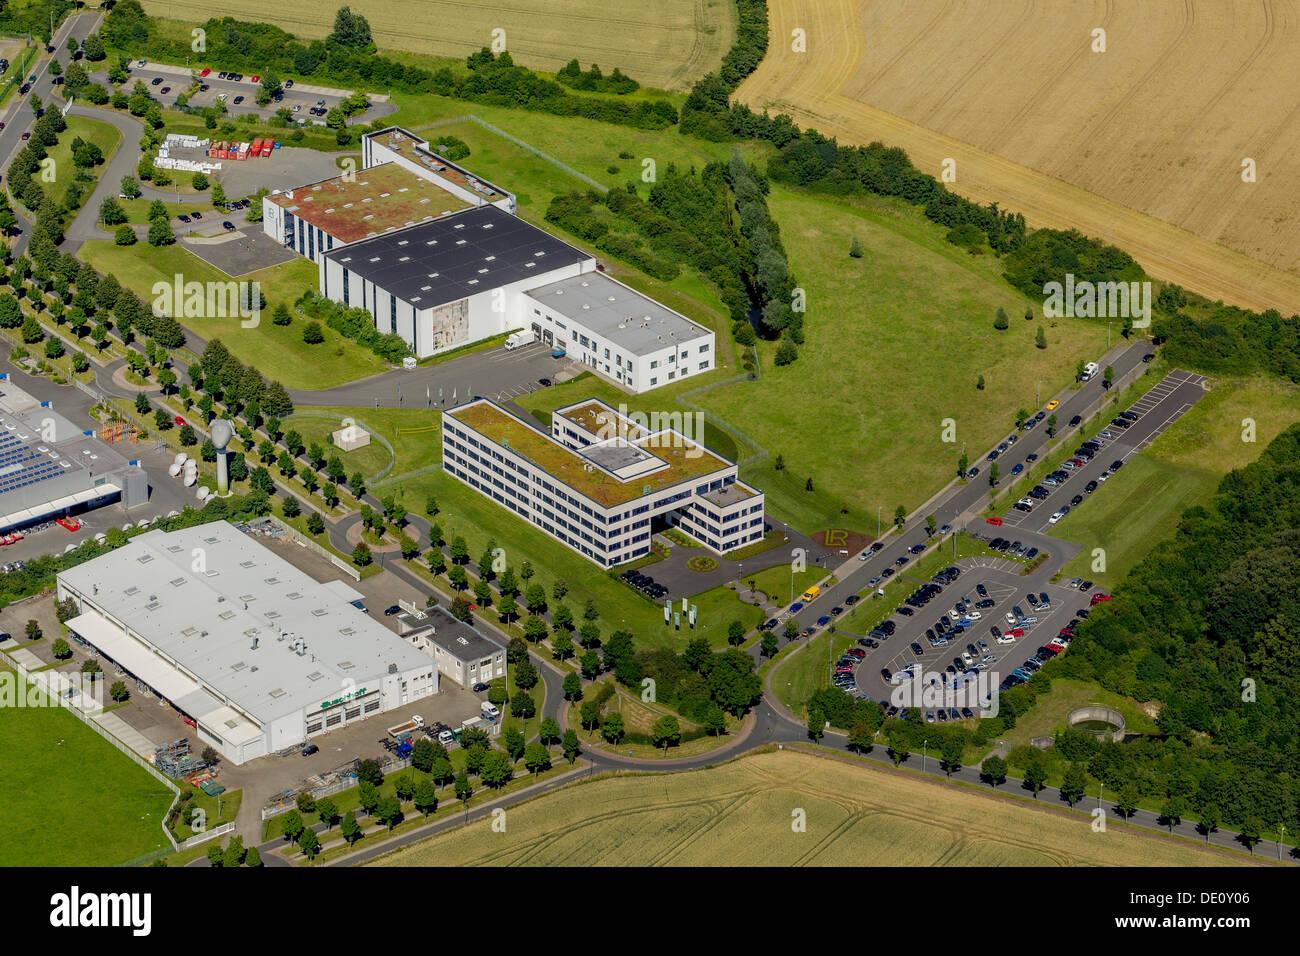 Vista aérea, LR Health & Beauty Systems GmbH, Olfetal Industrial Estate, Ahlen Village, el área de Ruhr, Renania del Norte-Westfalia Imagen De Stock